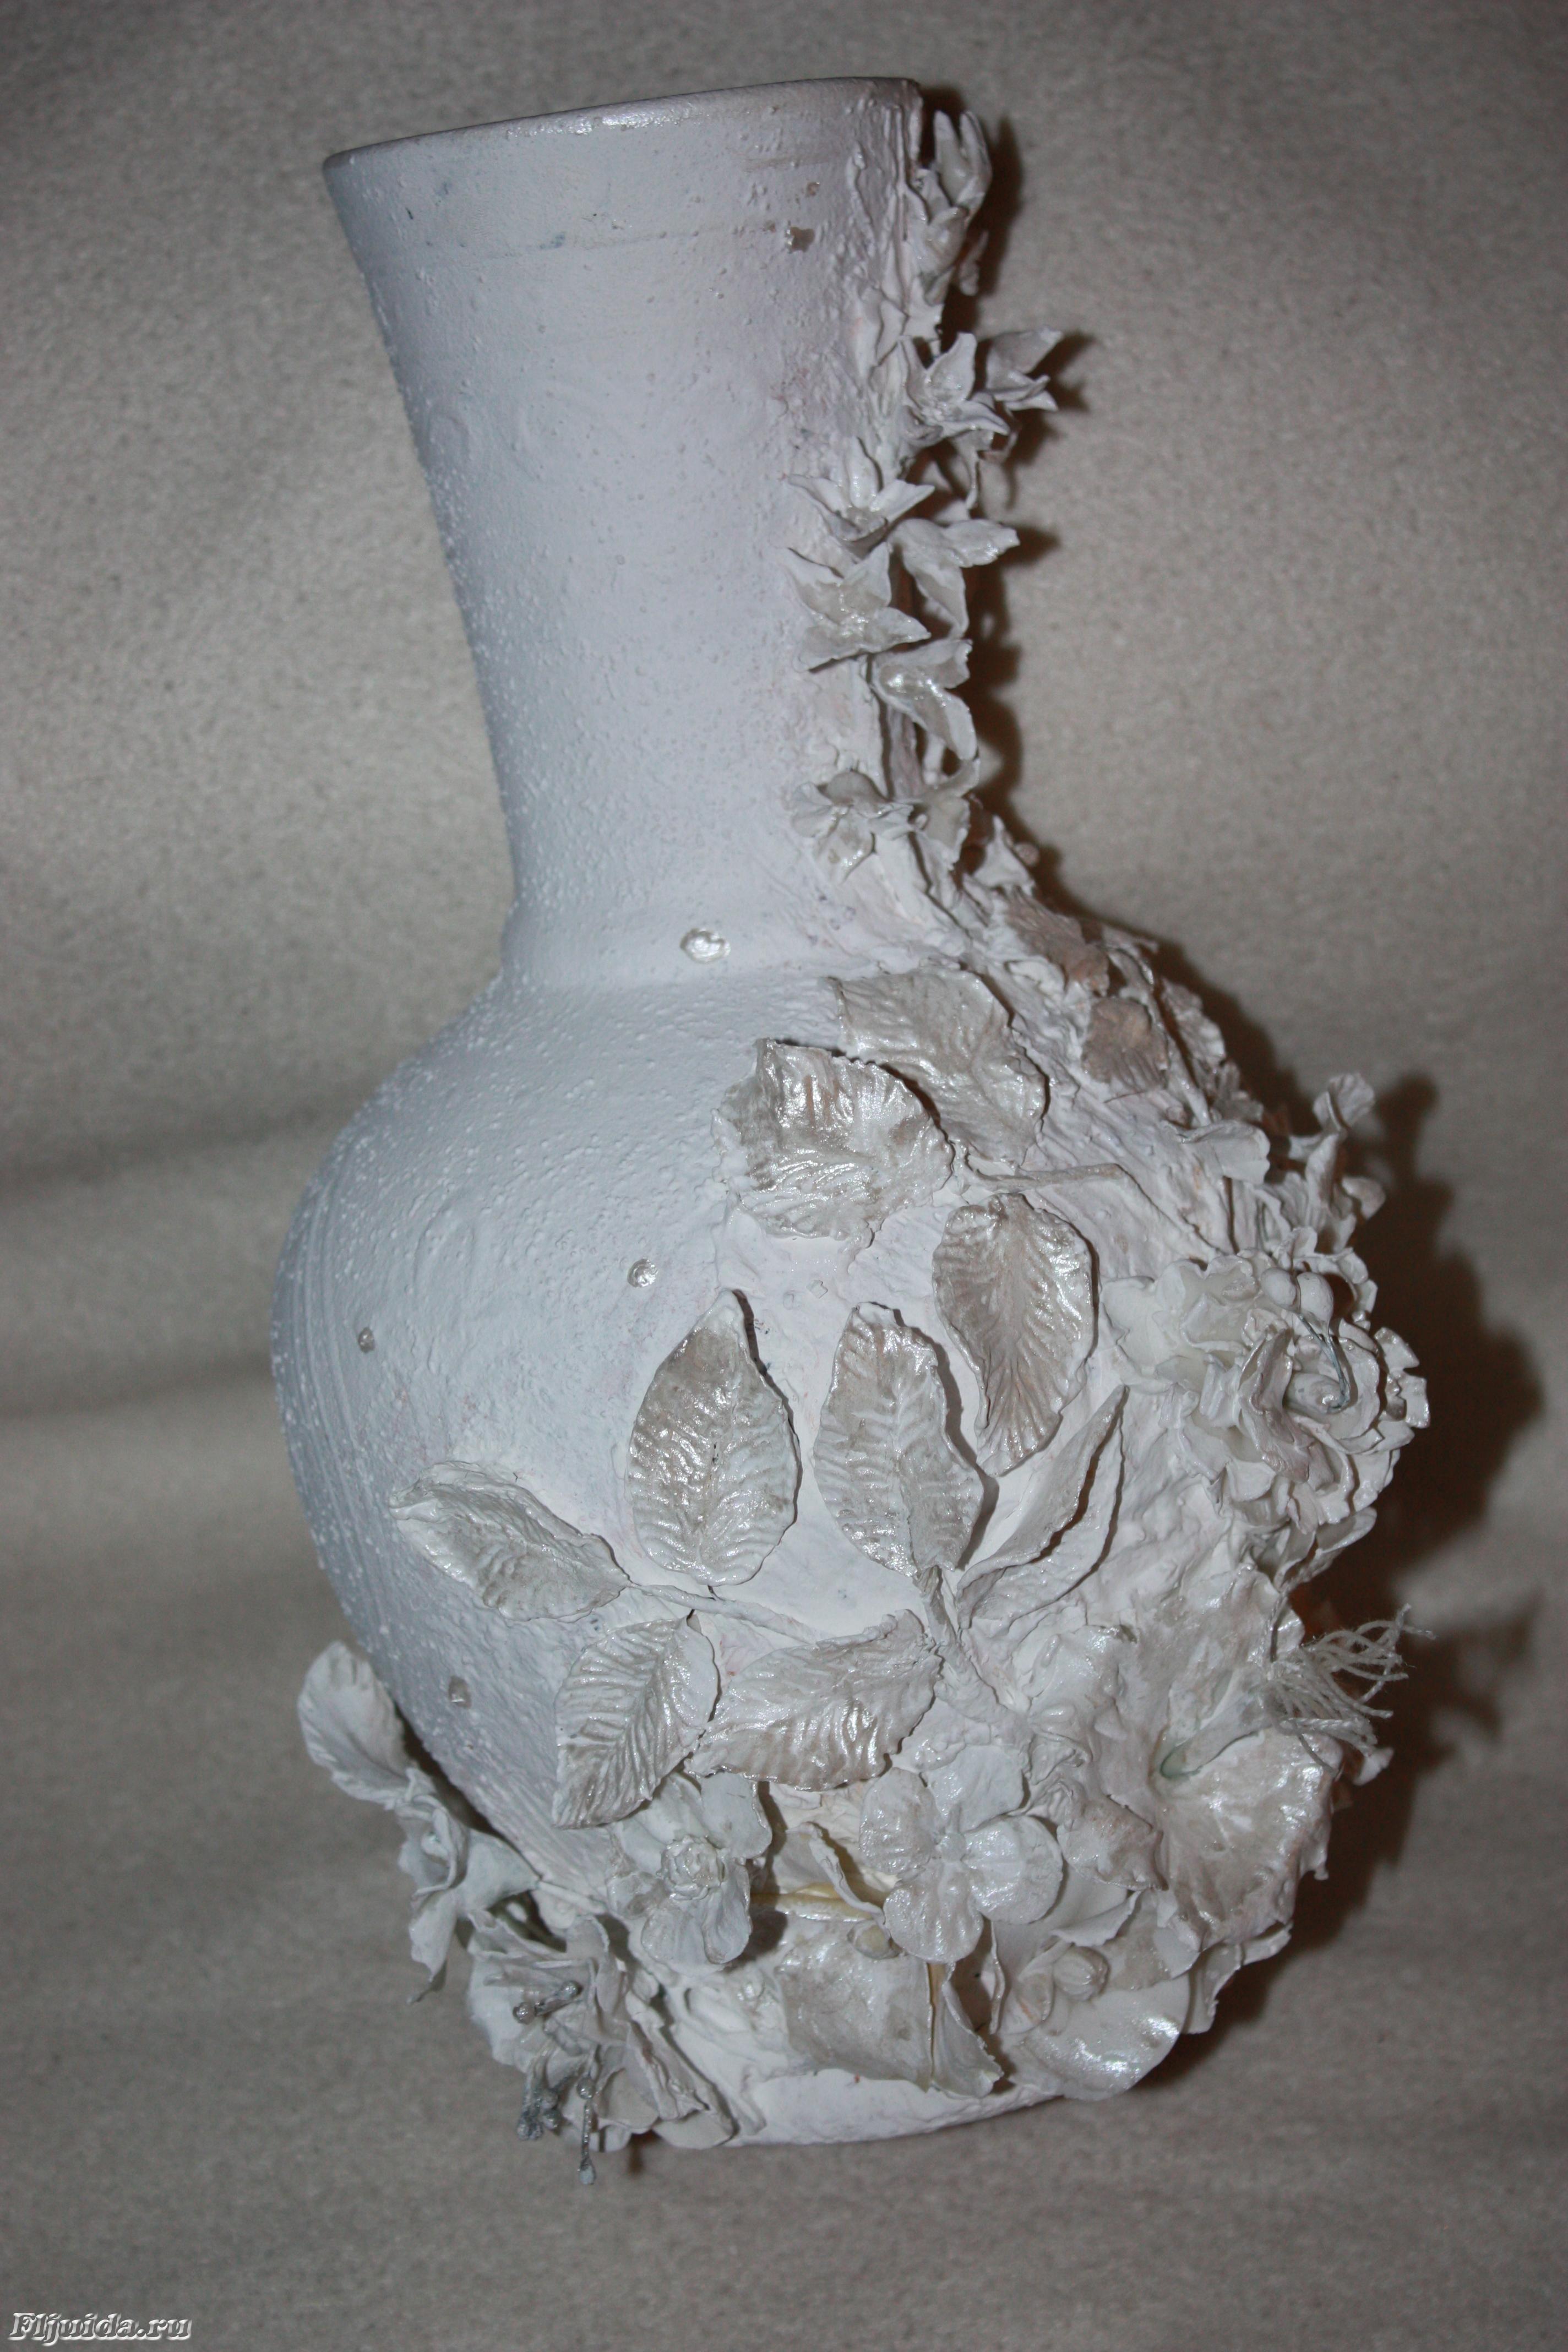 Поделка изделие папье-маше вазы из папье-маше бумага газетная картон краска